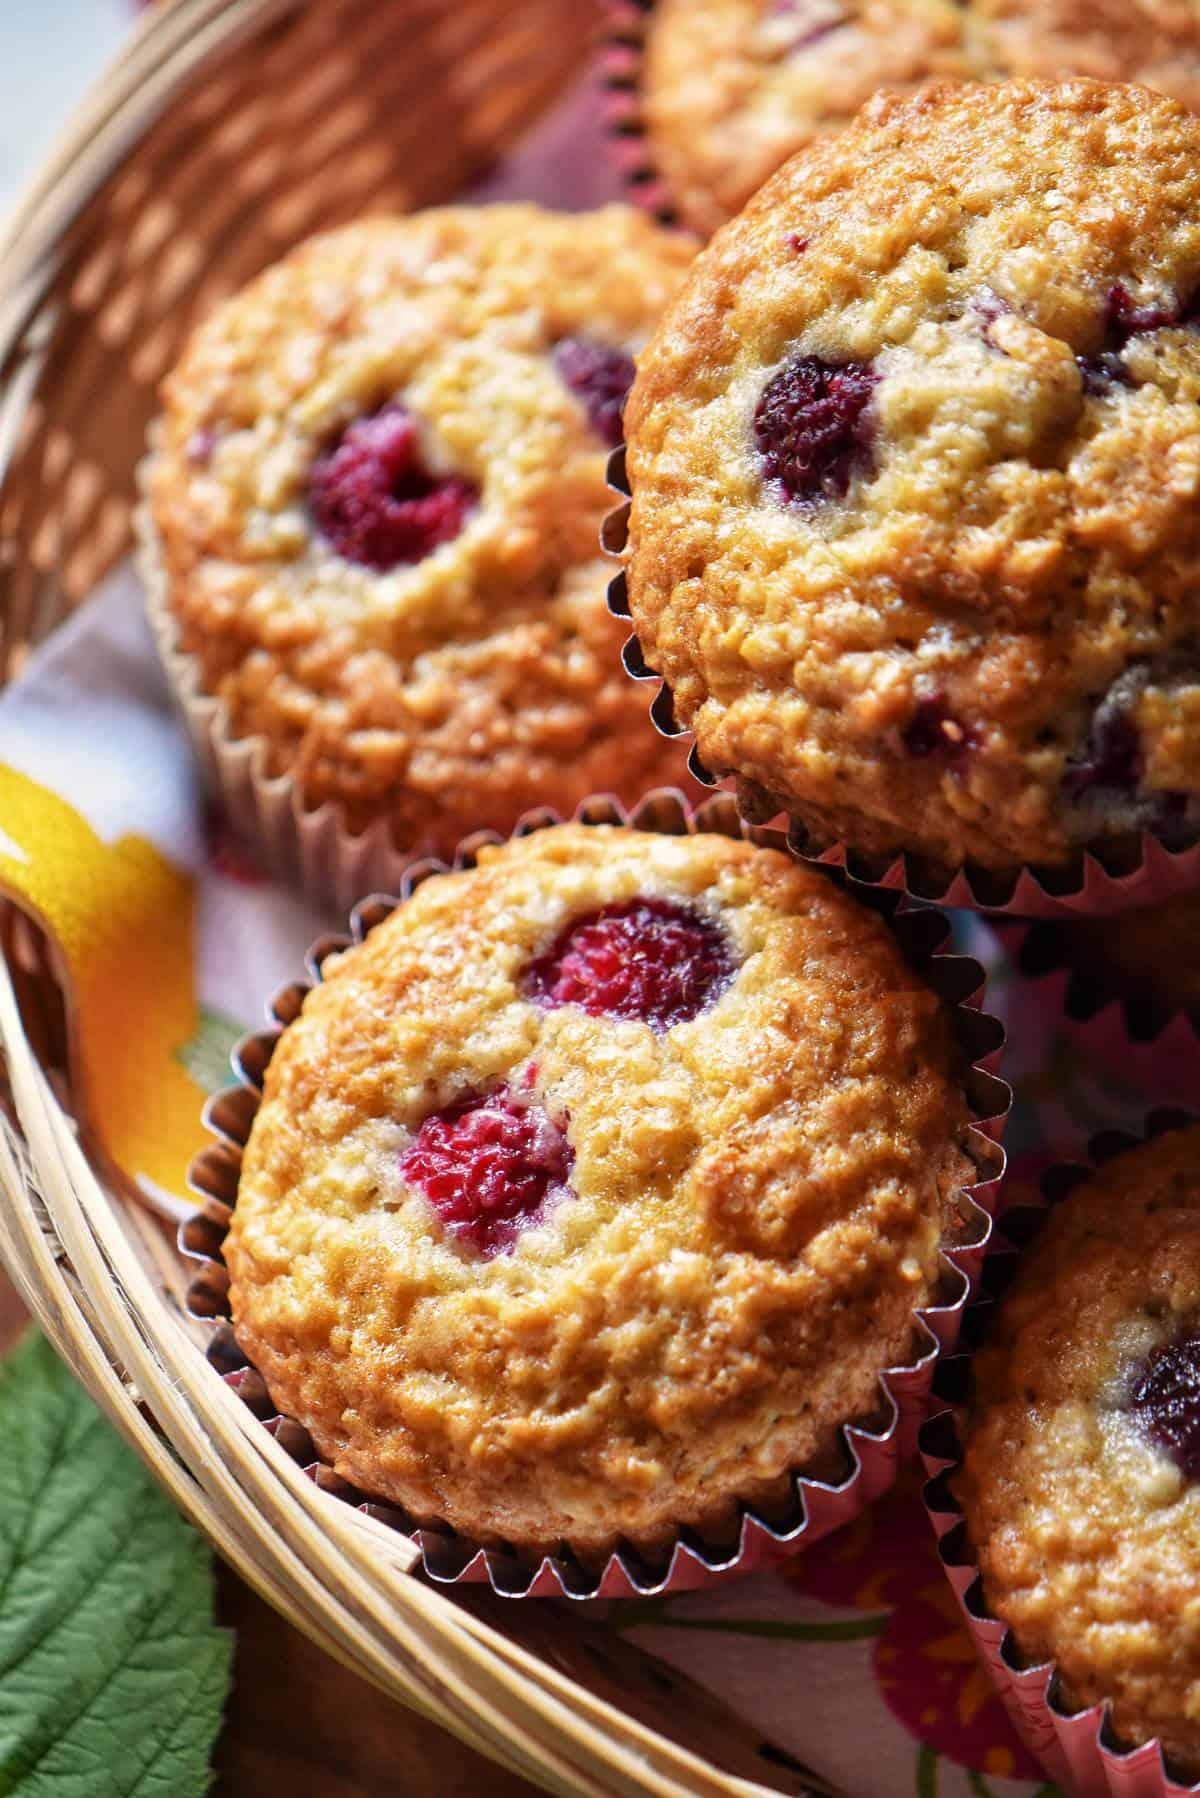 A few raspberry muffins in a wicker basket.